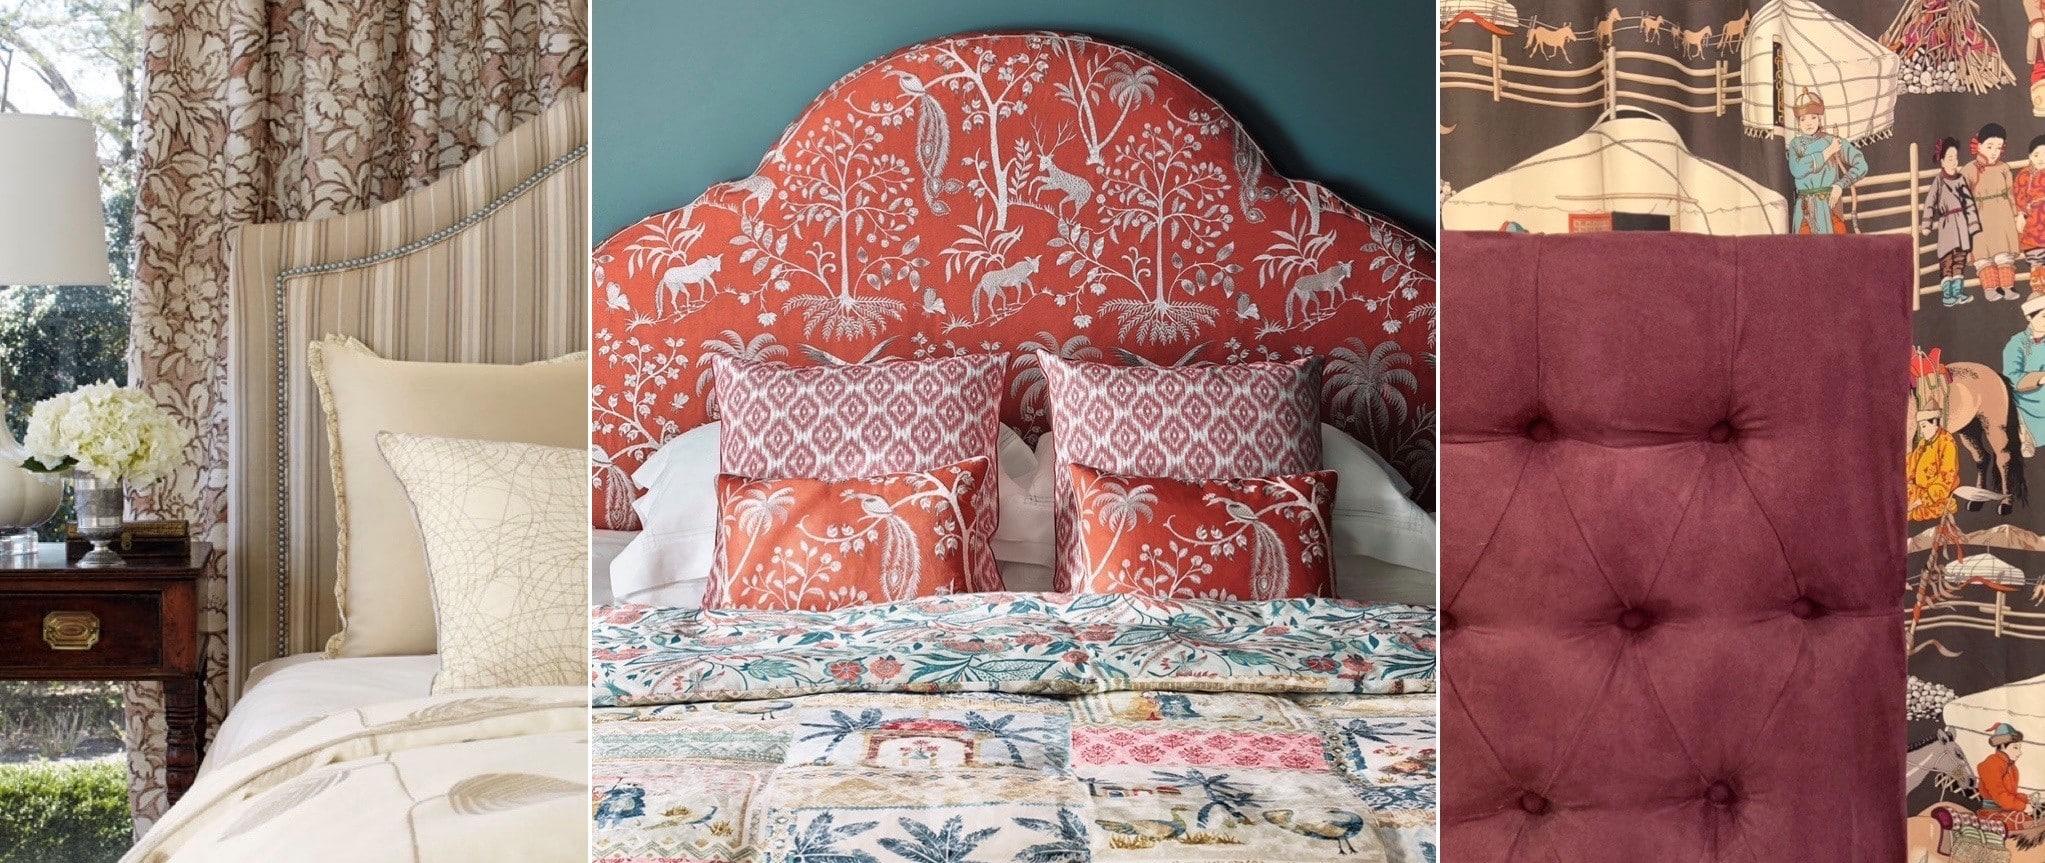 3 exemples de tete de lit sur mesure